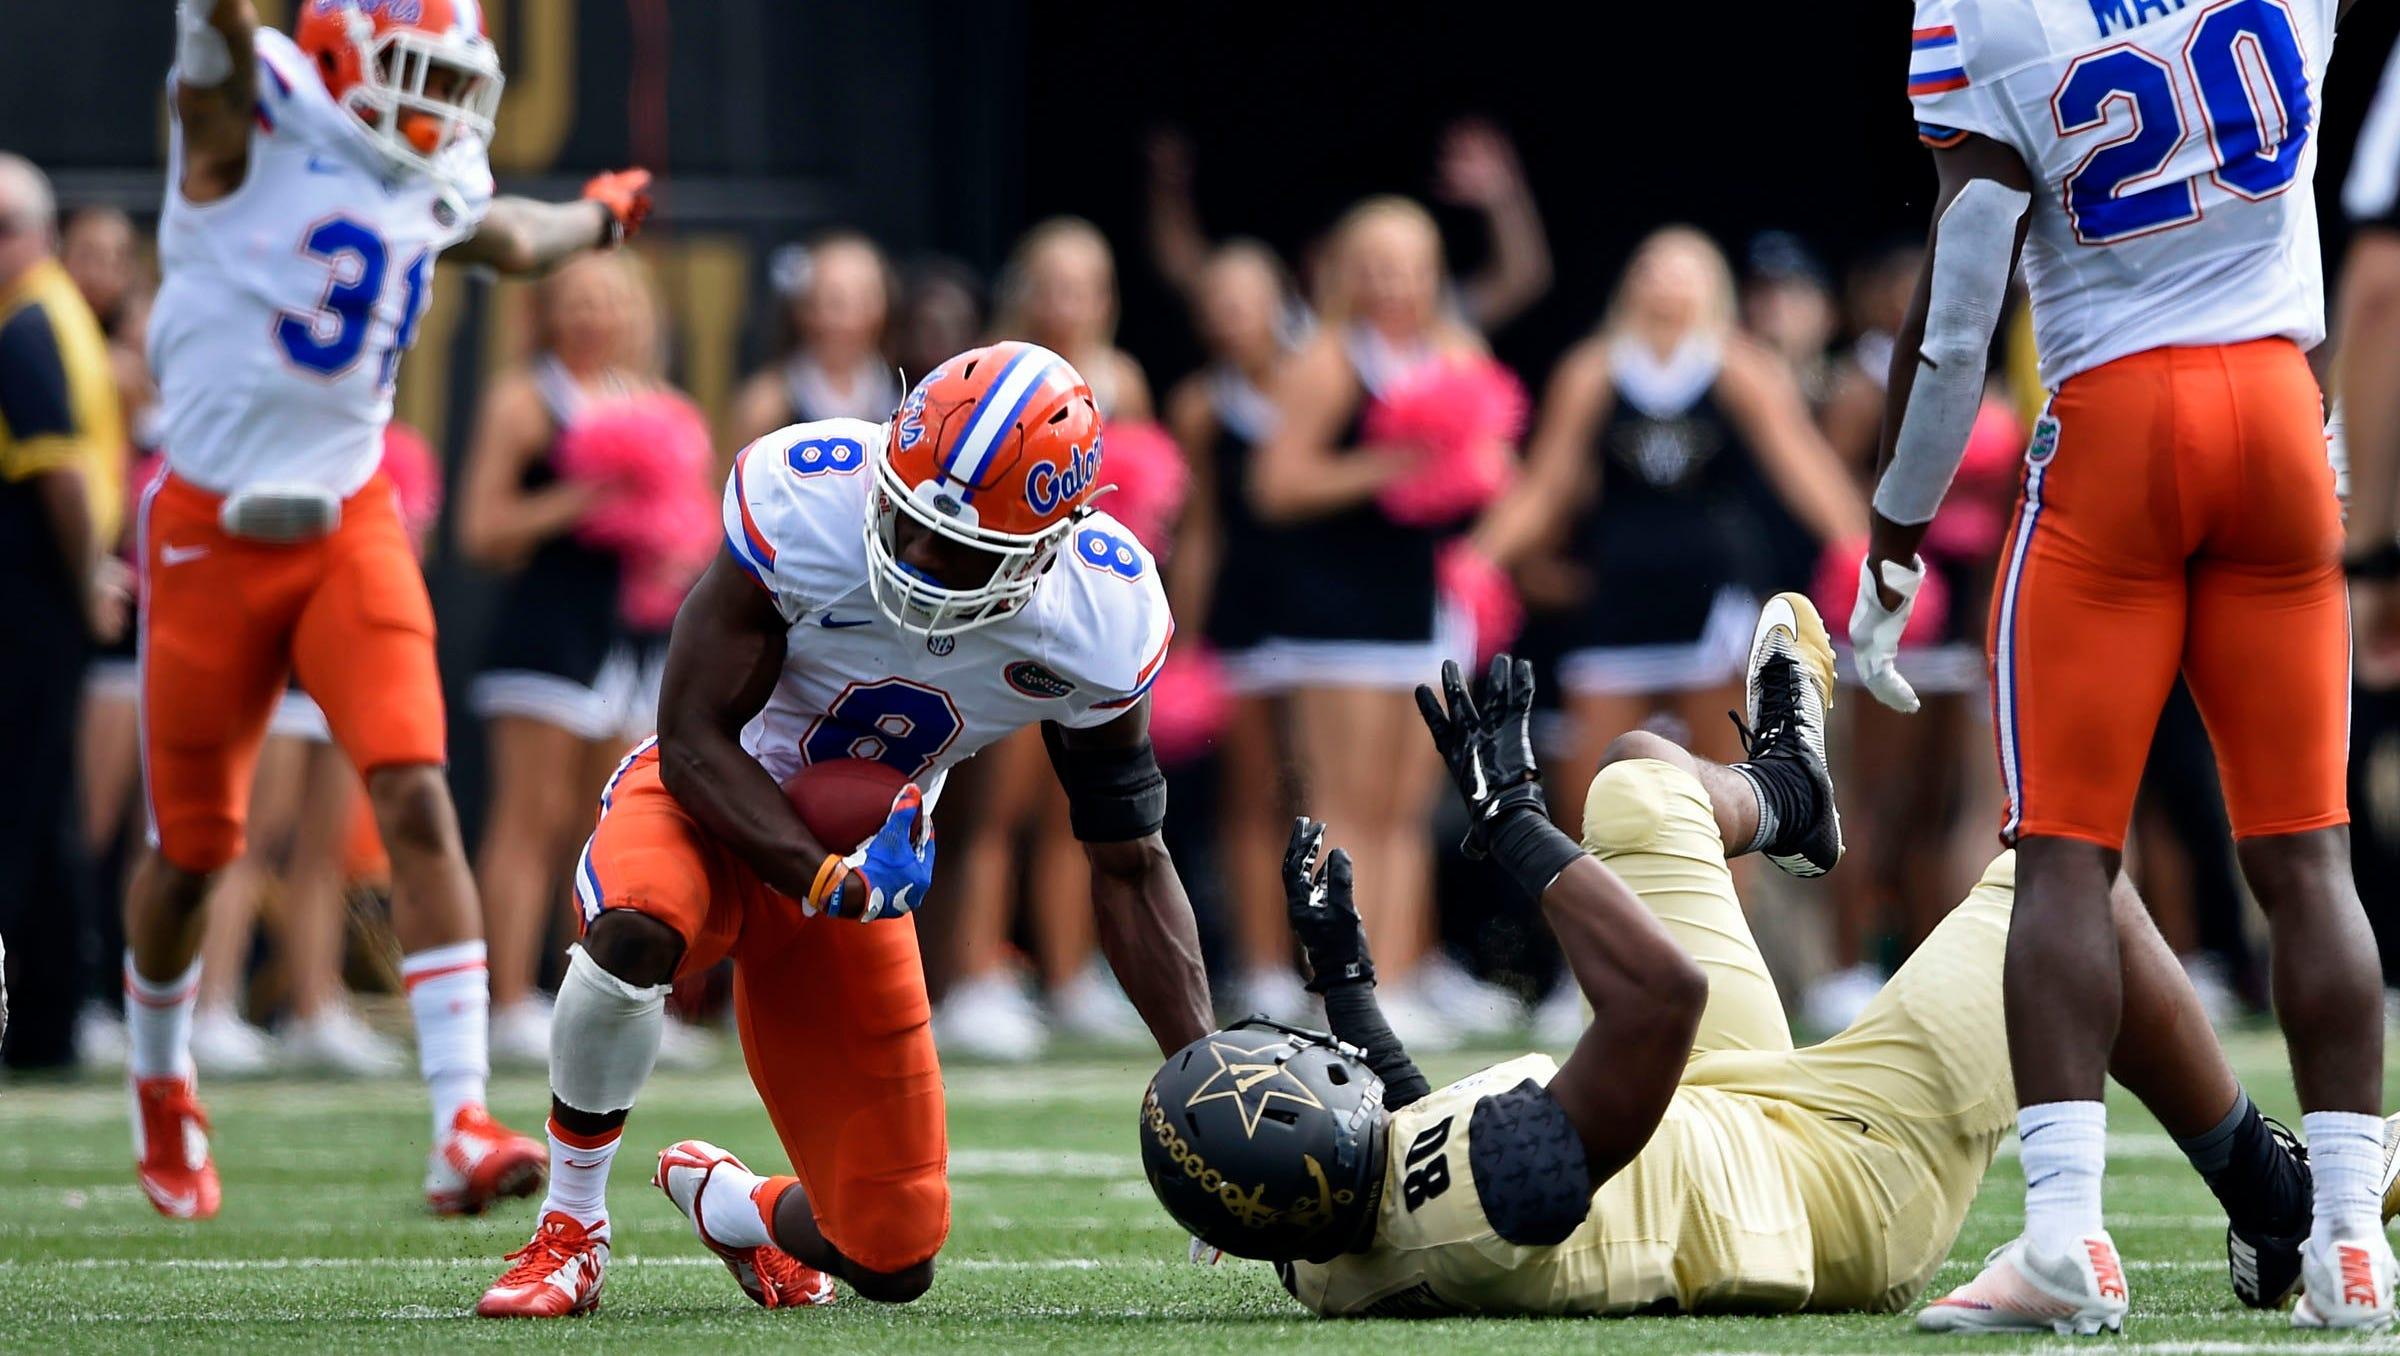 Photos Vanderbilt Vs Florida